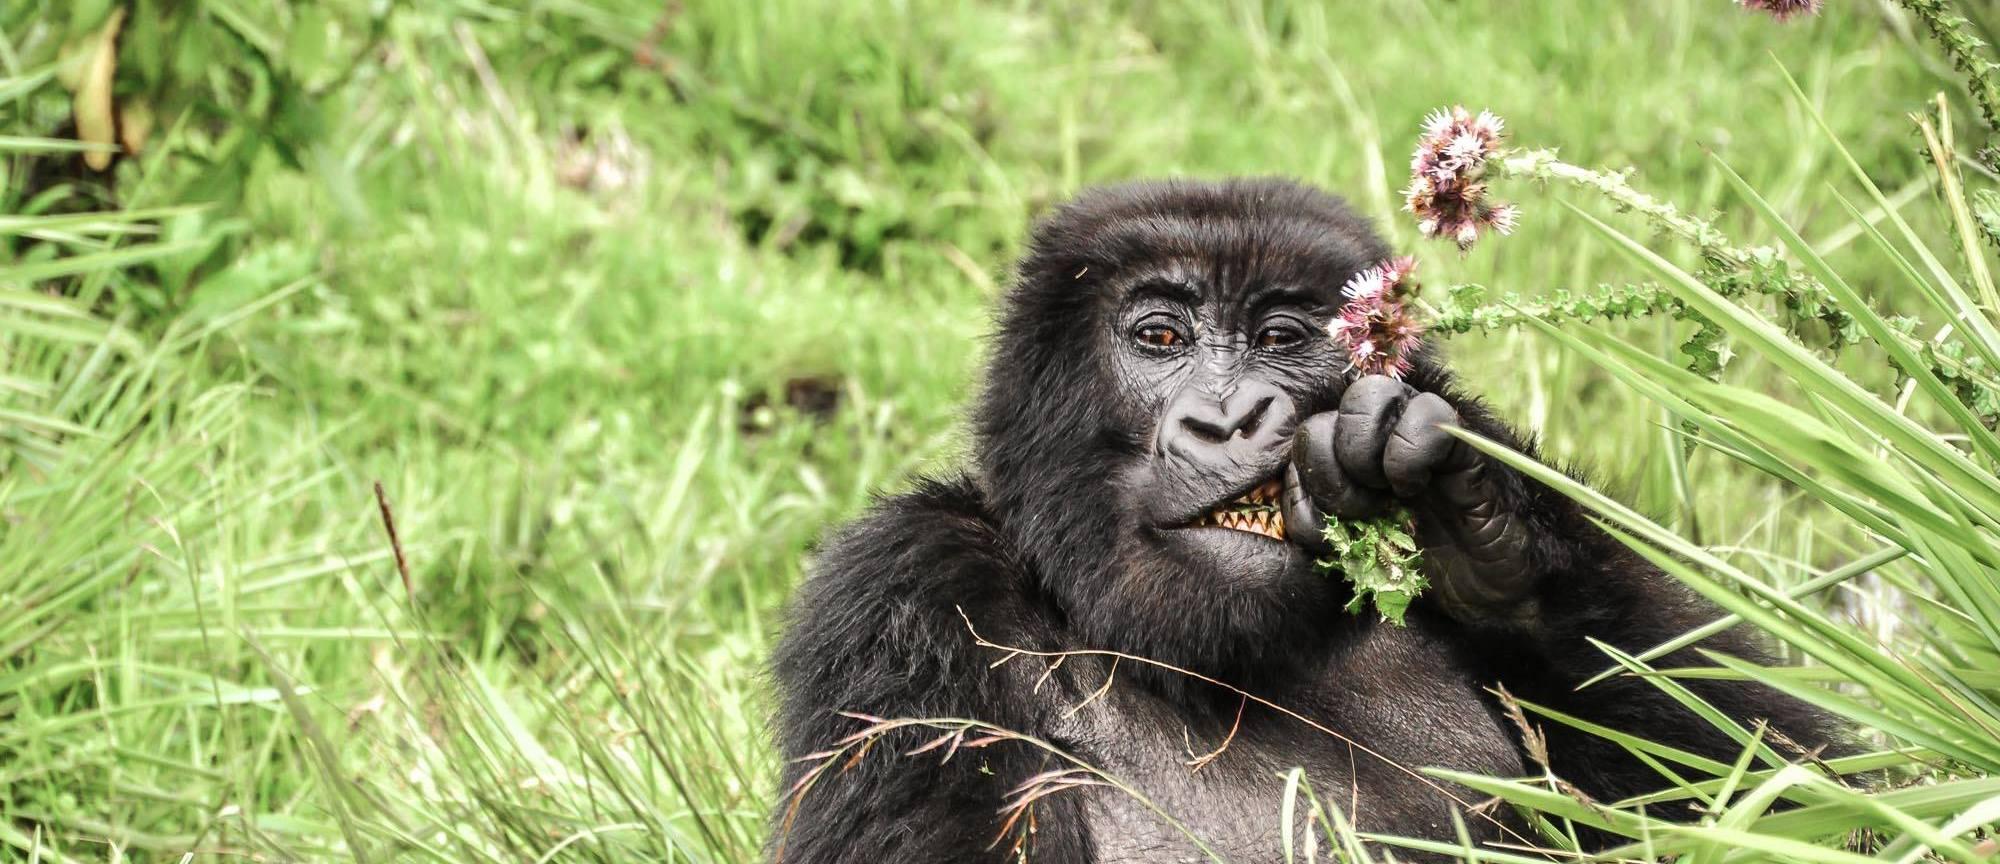 sabyinyo_gorillas_eating_thistles